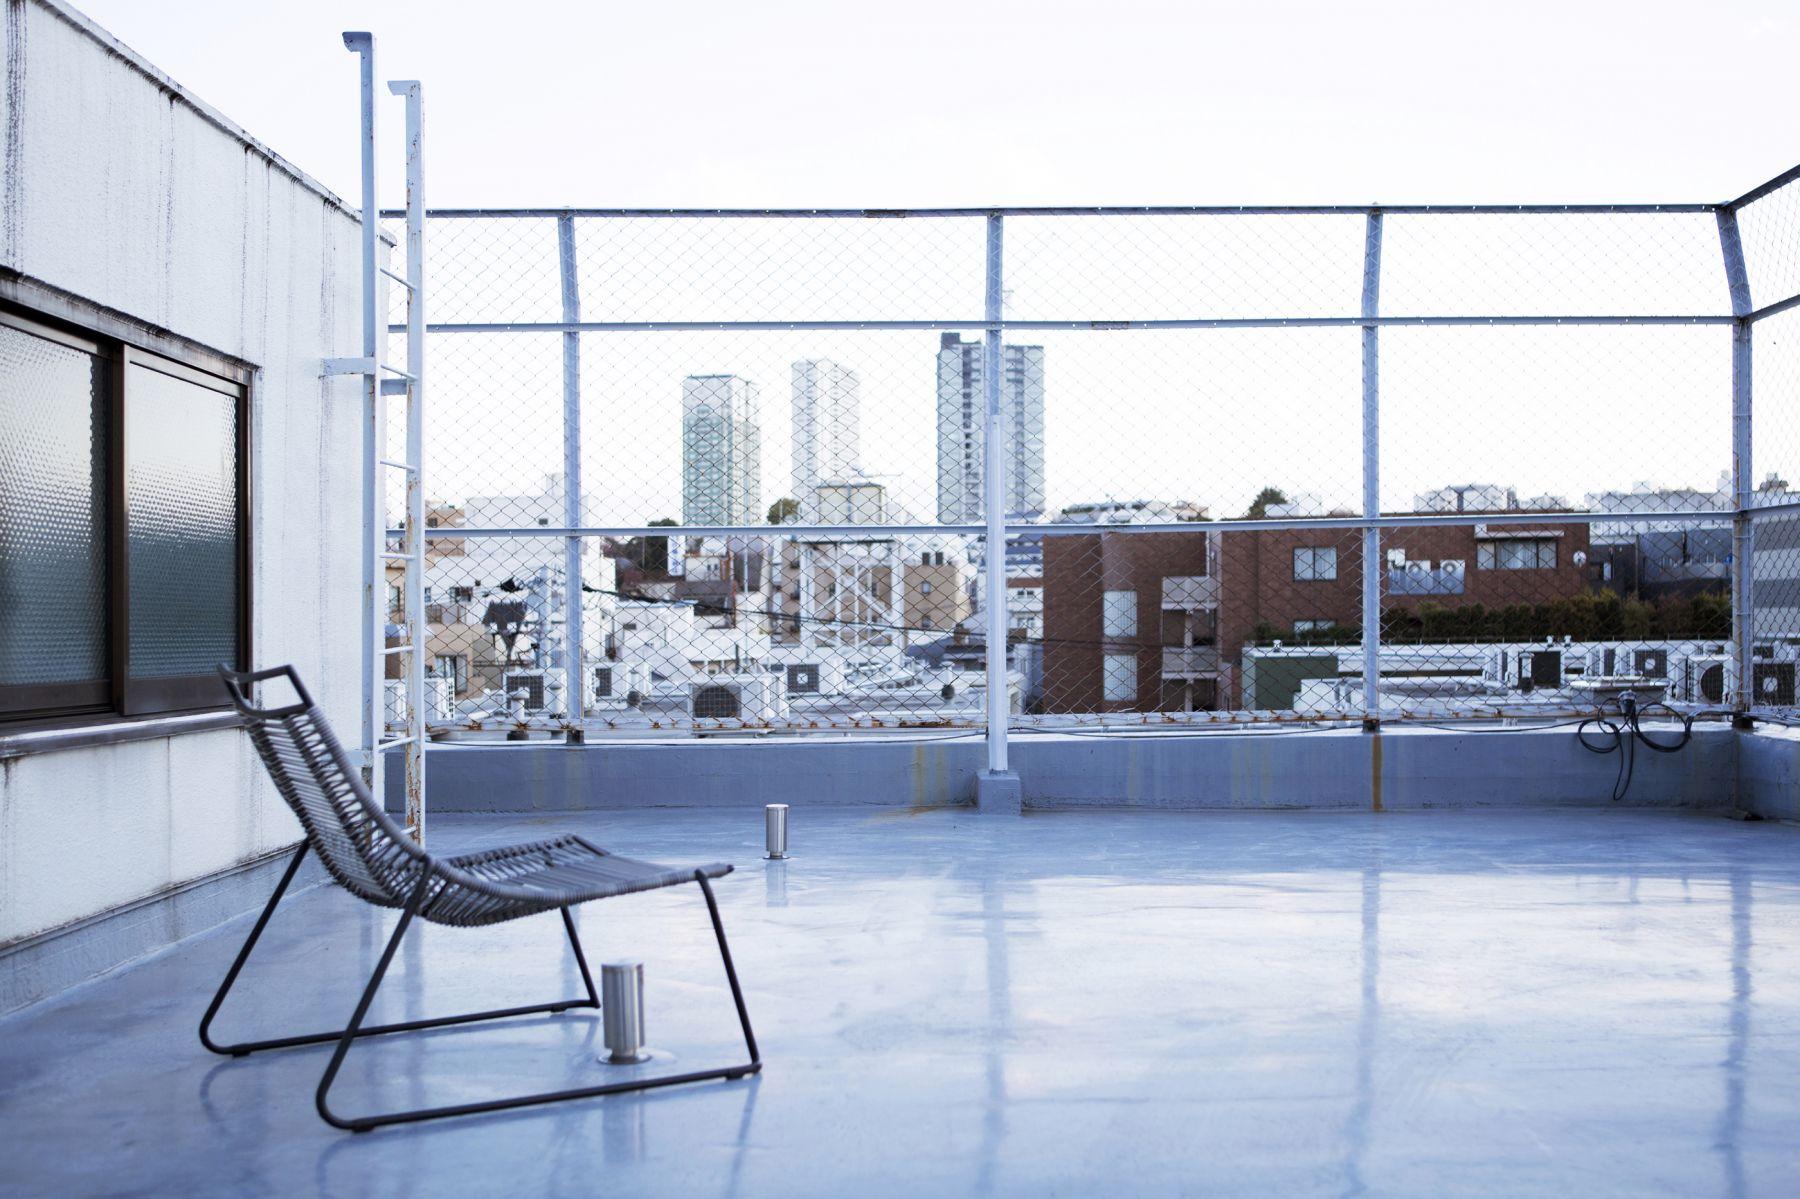 studio ConTRail (スタジオ コントレイル)屋上 白金の街並み